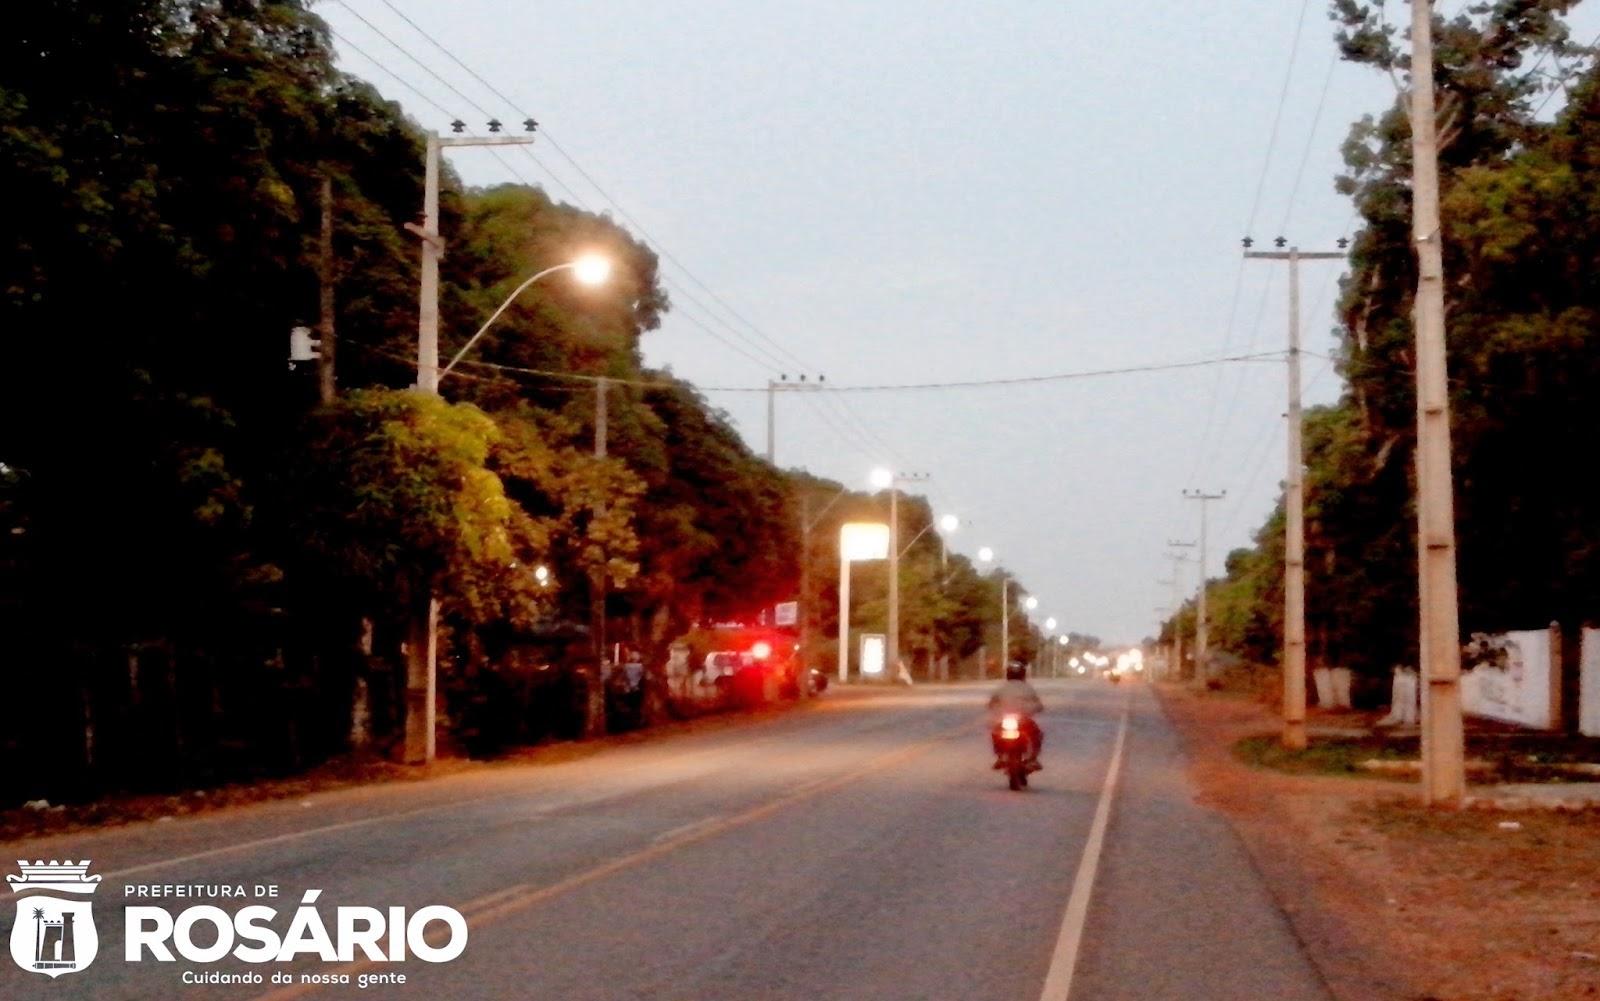 Rosário-Ma